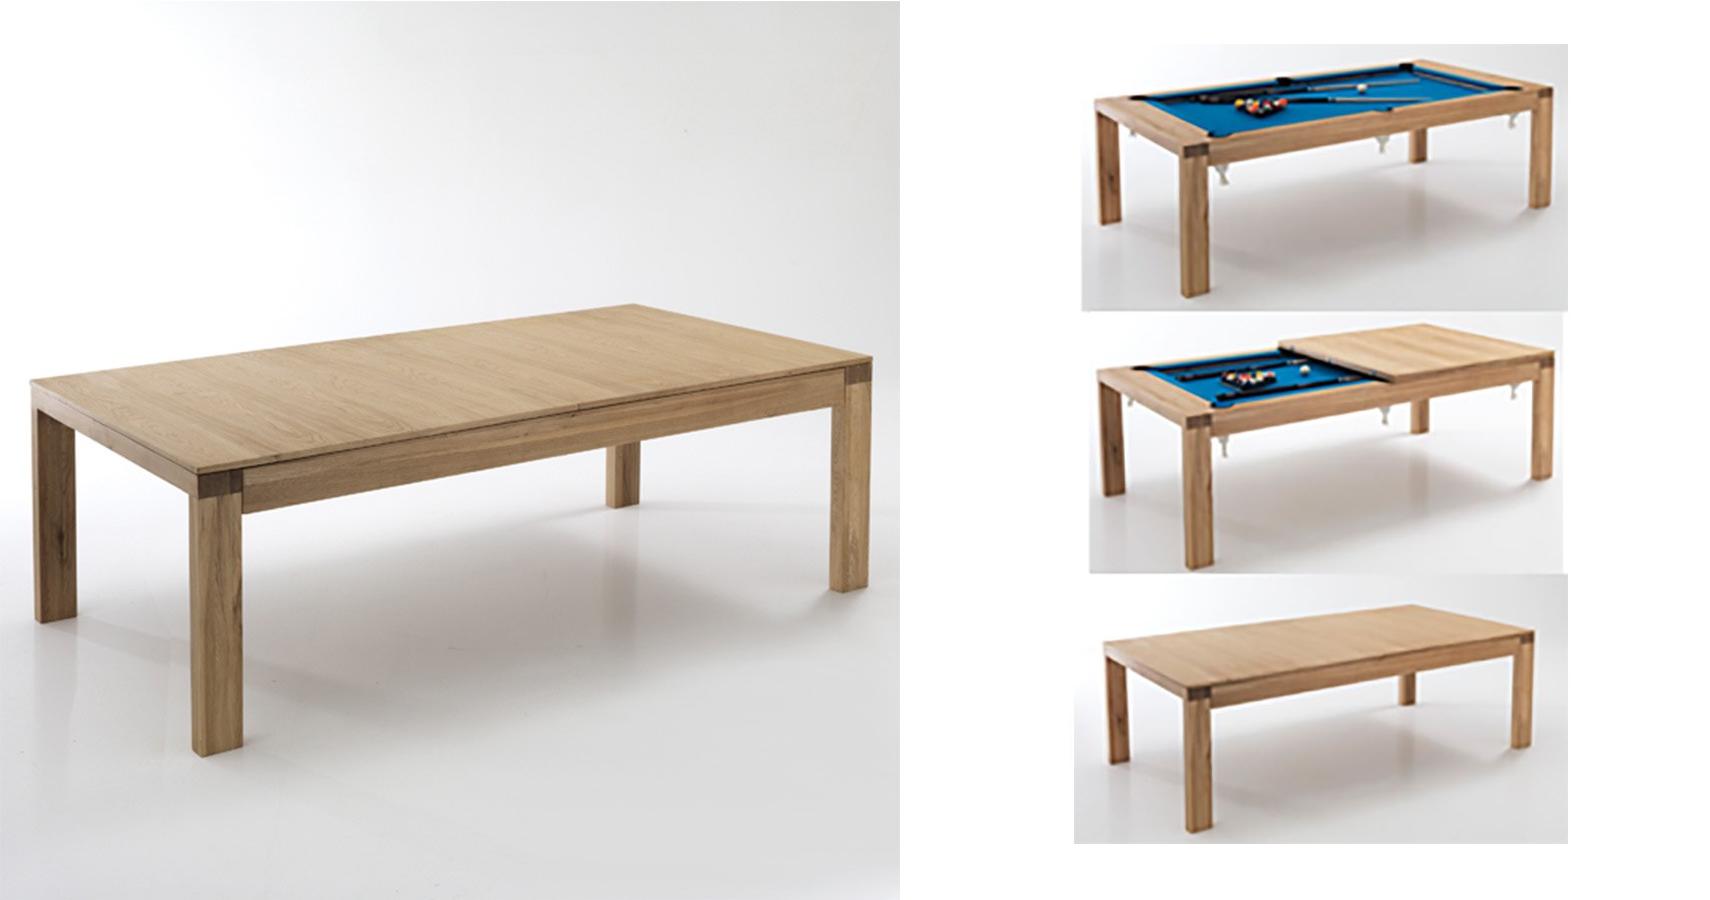 Un tavolo da pranzo che nasconde un tavolo da biliardo - Tavolo pranzo biliardo ...